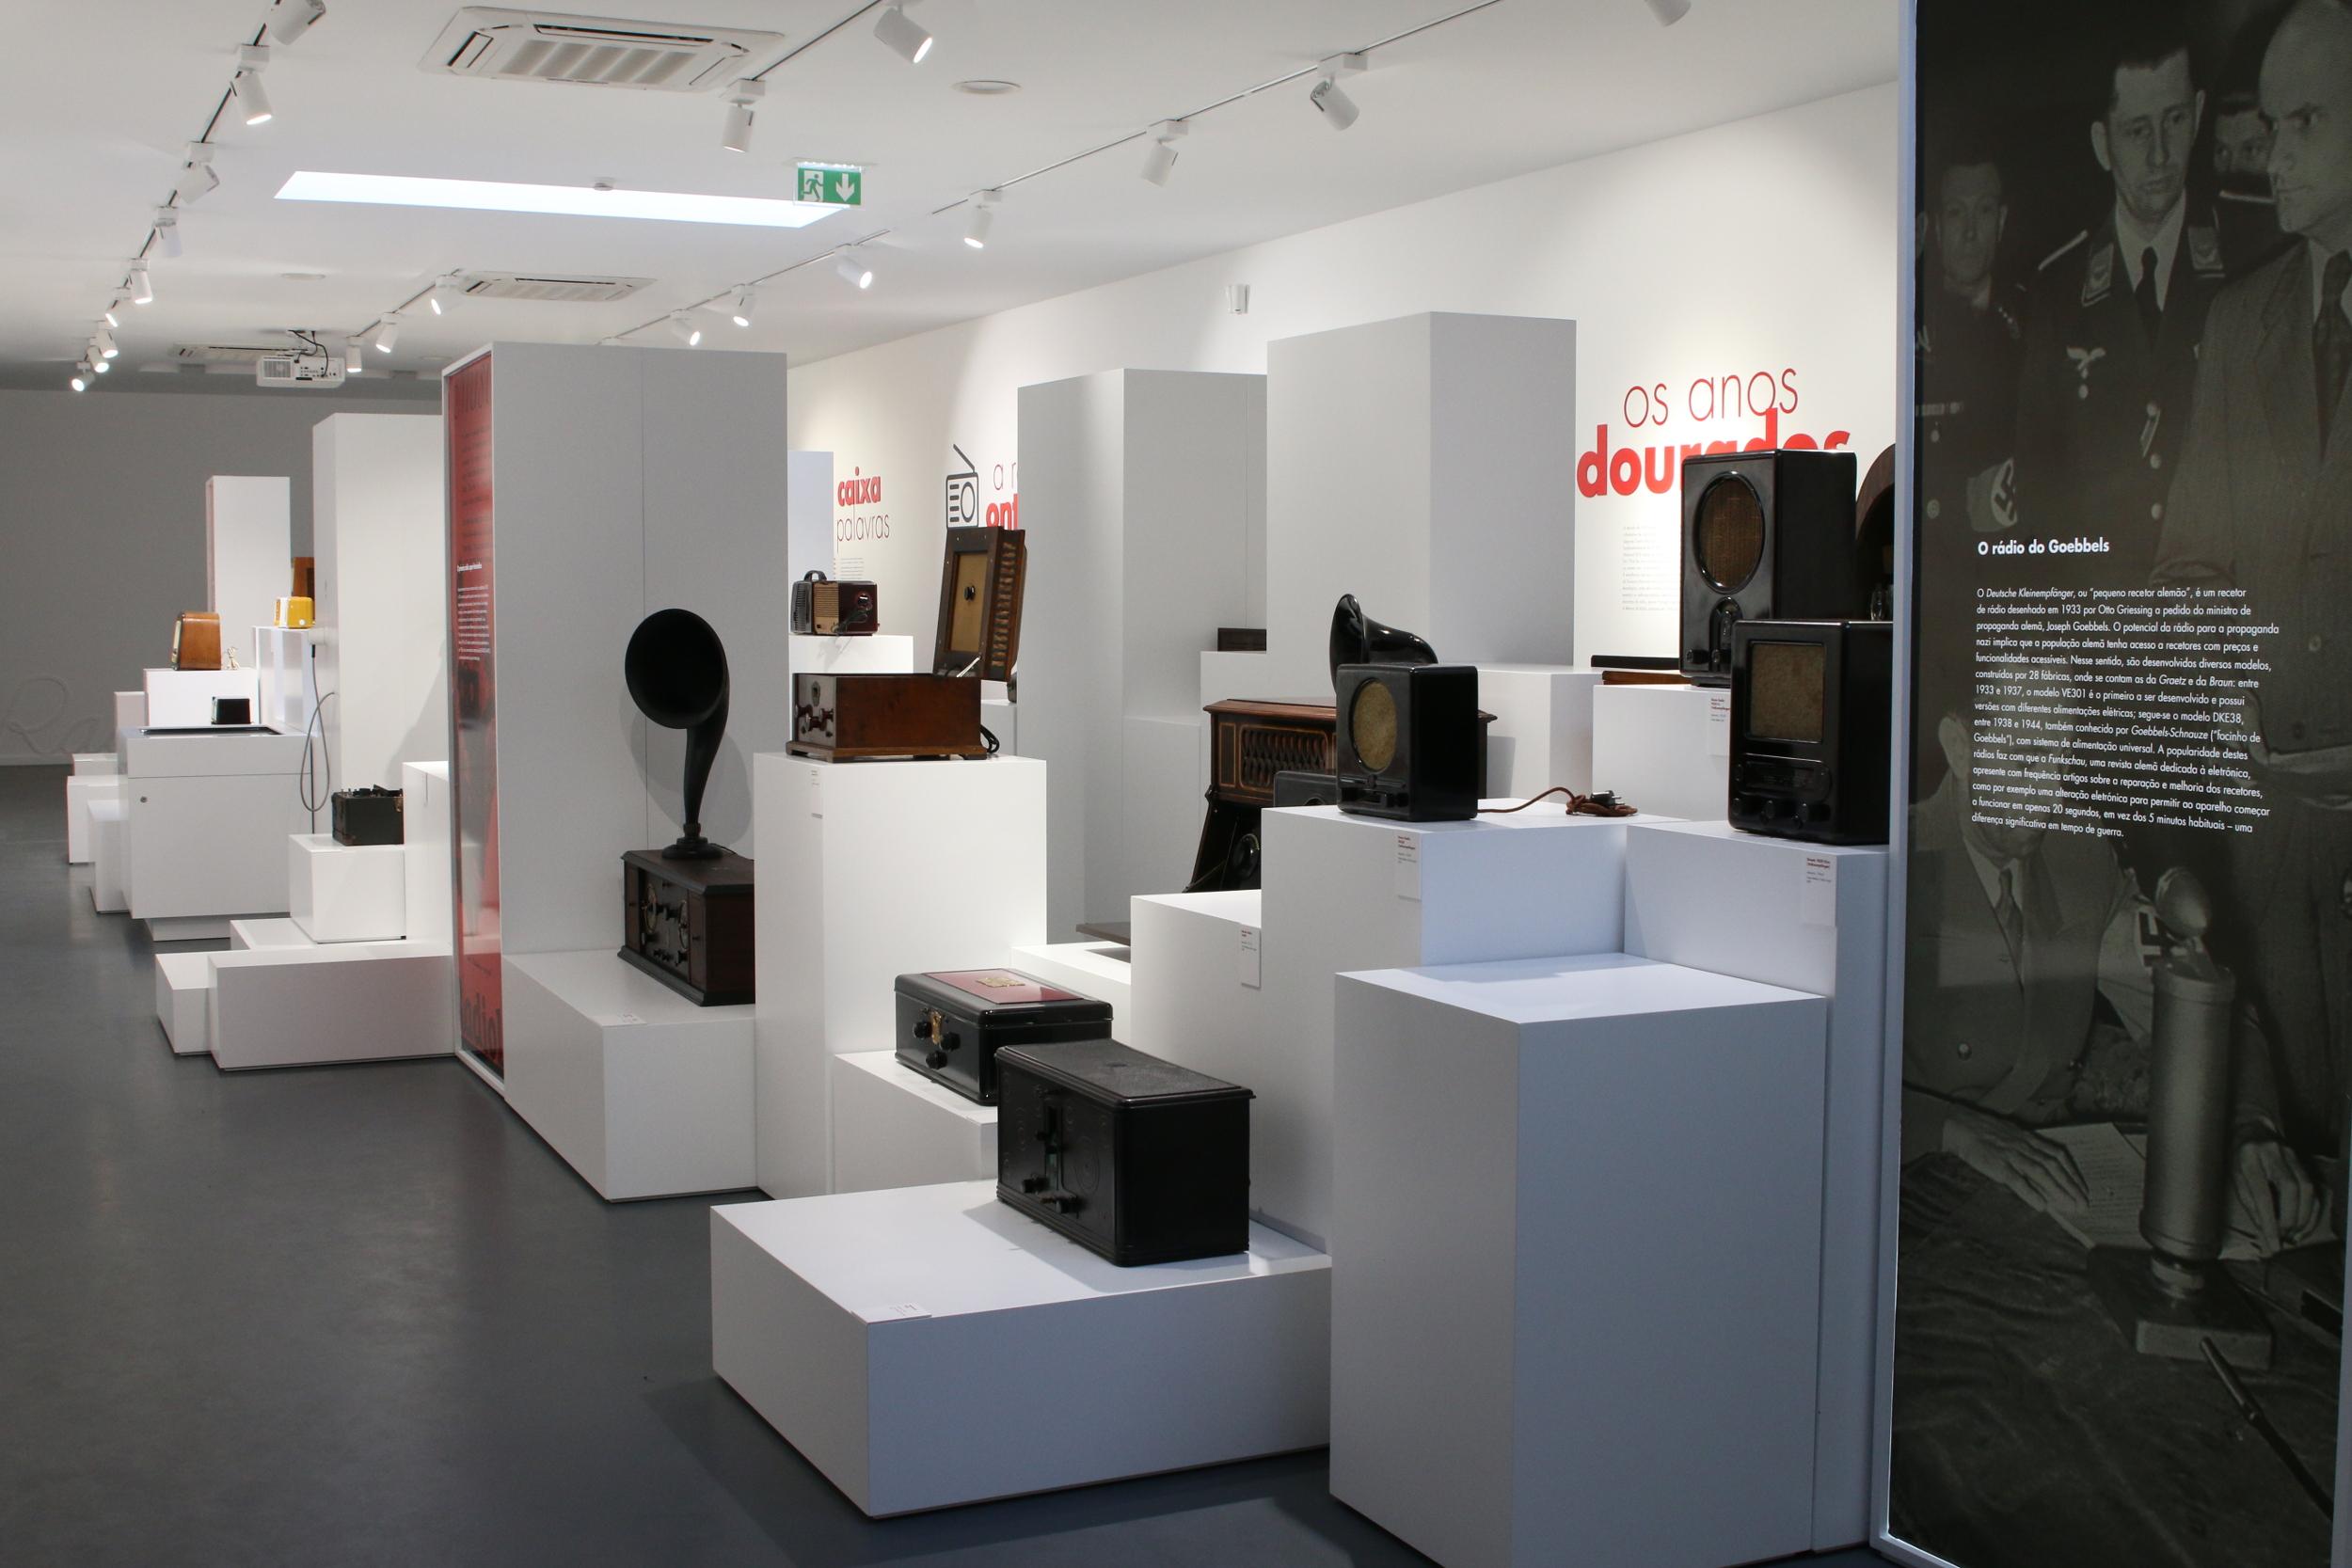 O museu tem um espólio de mais de 1500 peças em exposição.